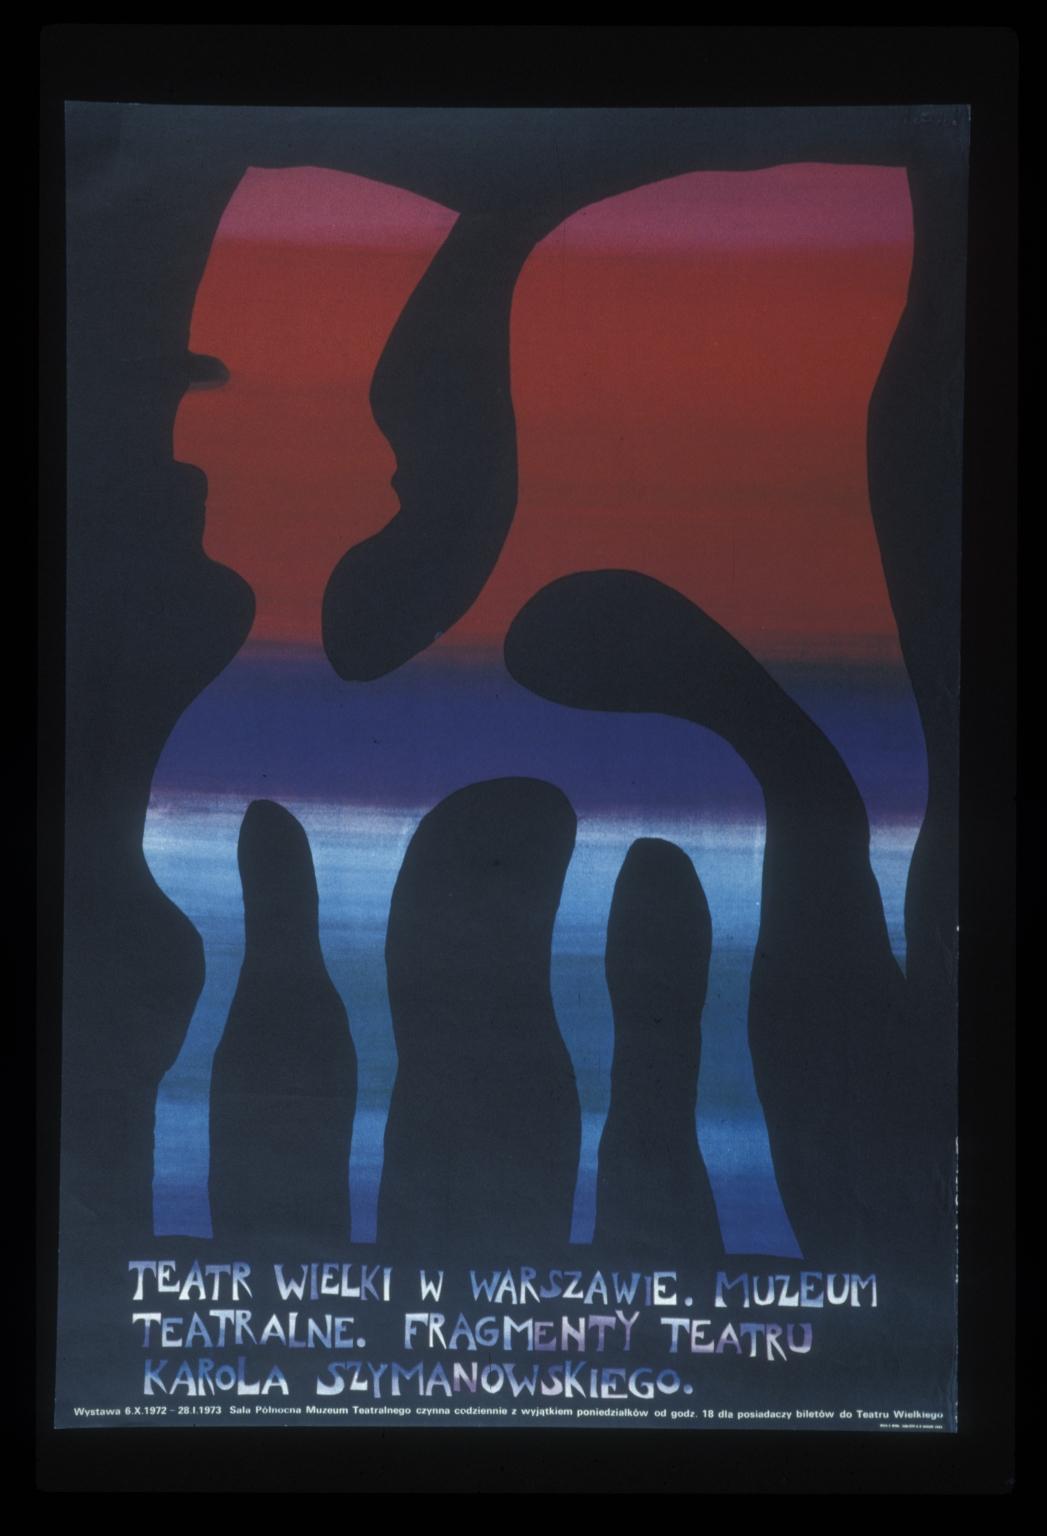 Fragmenty teatru Karola Szymanowskiego: Teatr Wielki w Warszawie, Muzeum Teatrlalne : wystawa 6X1972-28I1973